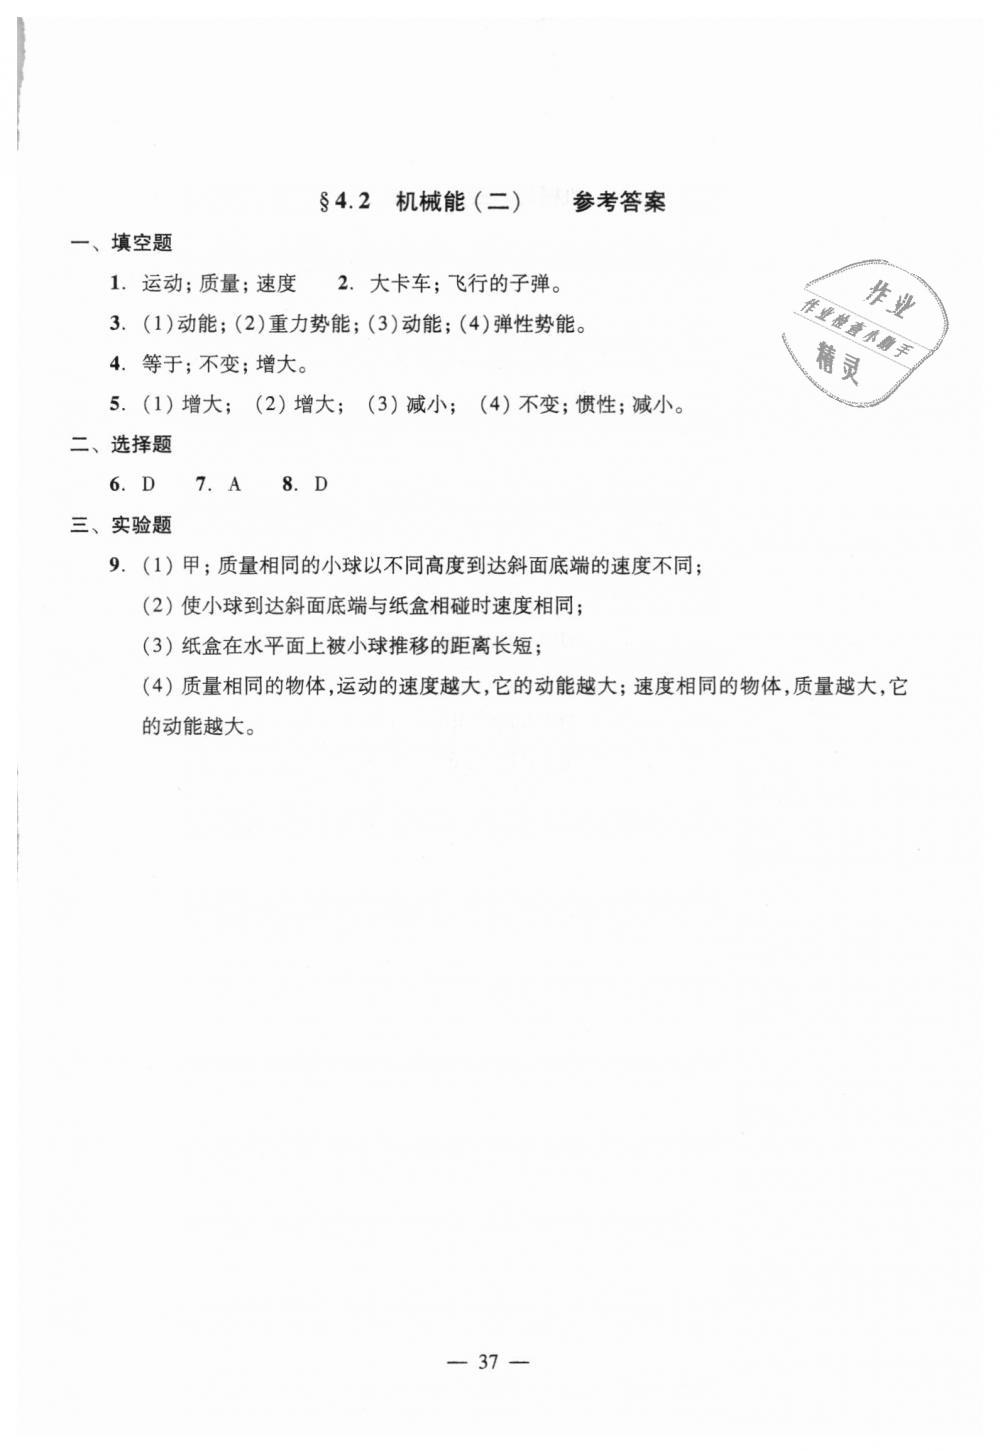 2018年初中物理双基过关堂堂练八年级全一册沪教版第37页